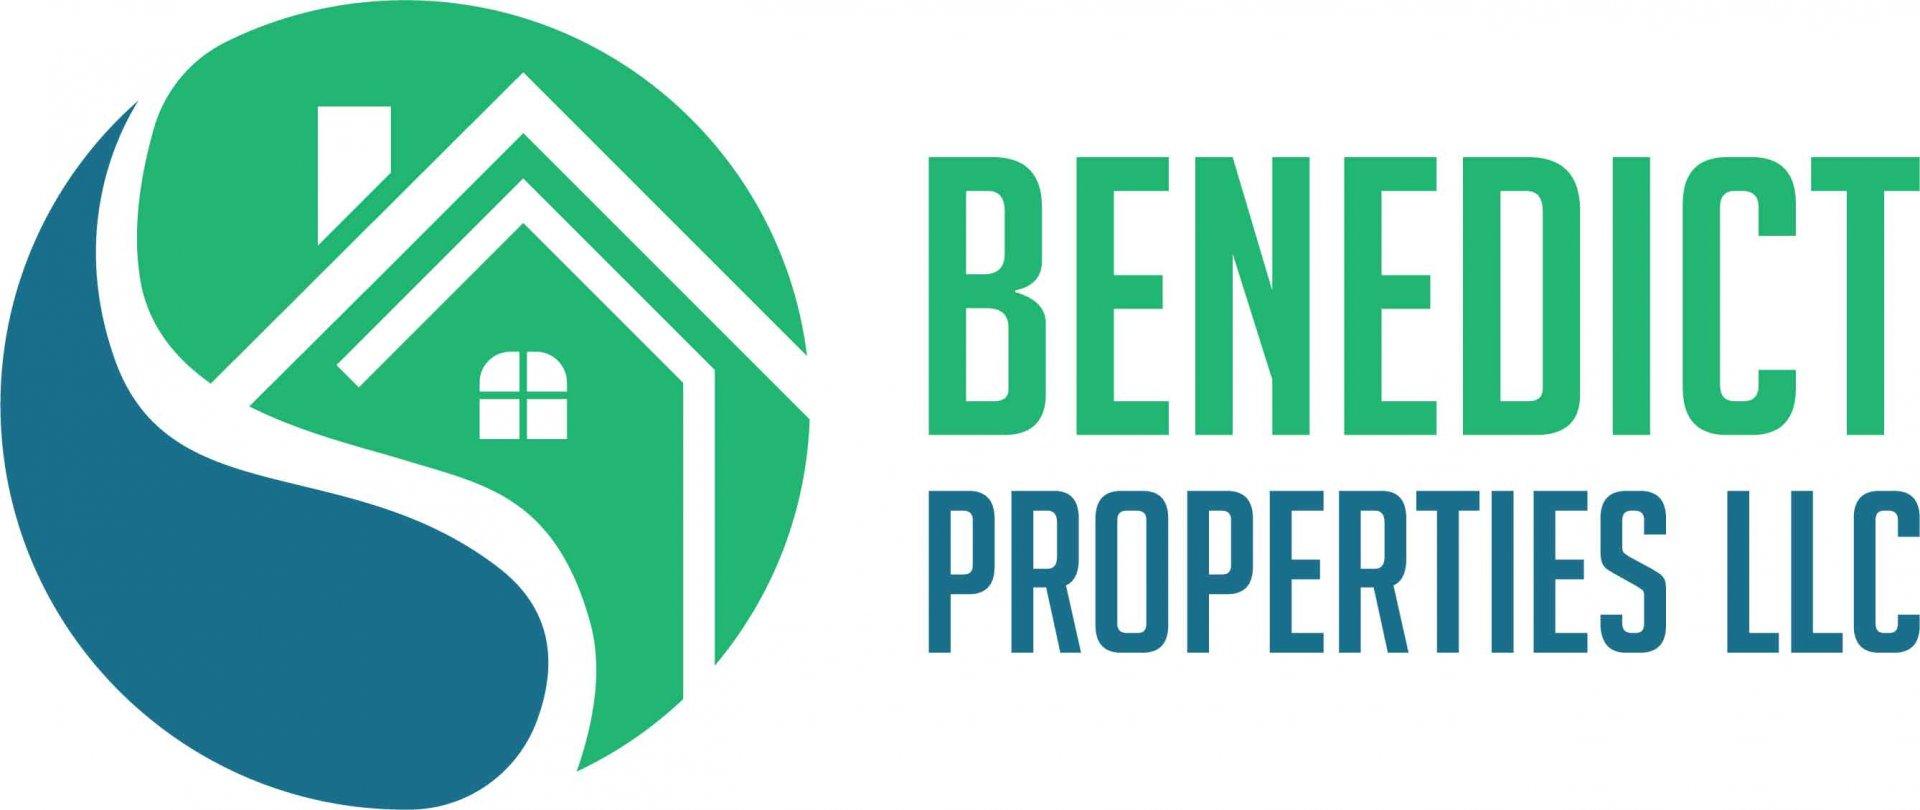 BENEDICT PROPERTIES LLC  logo